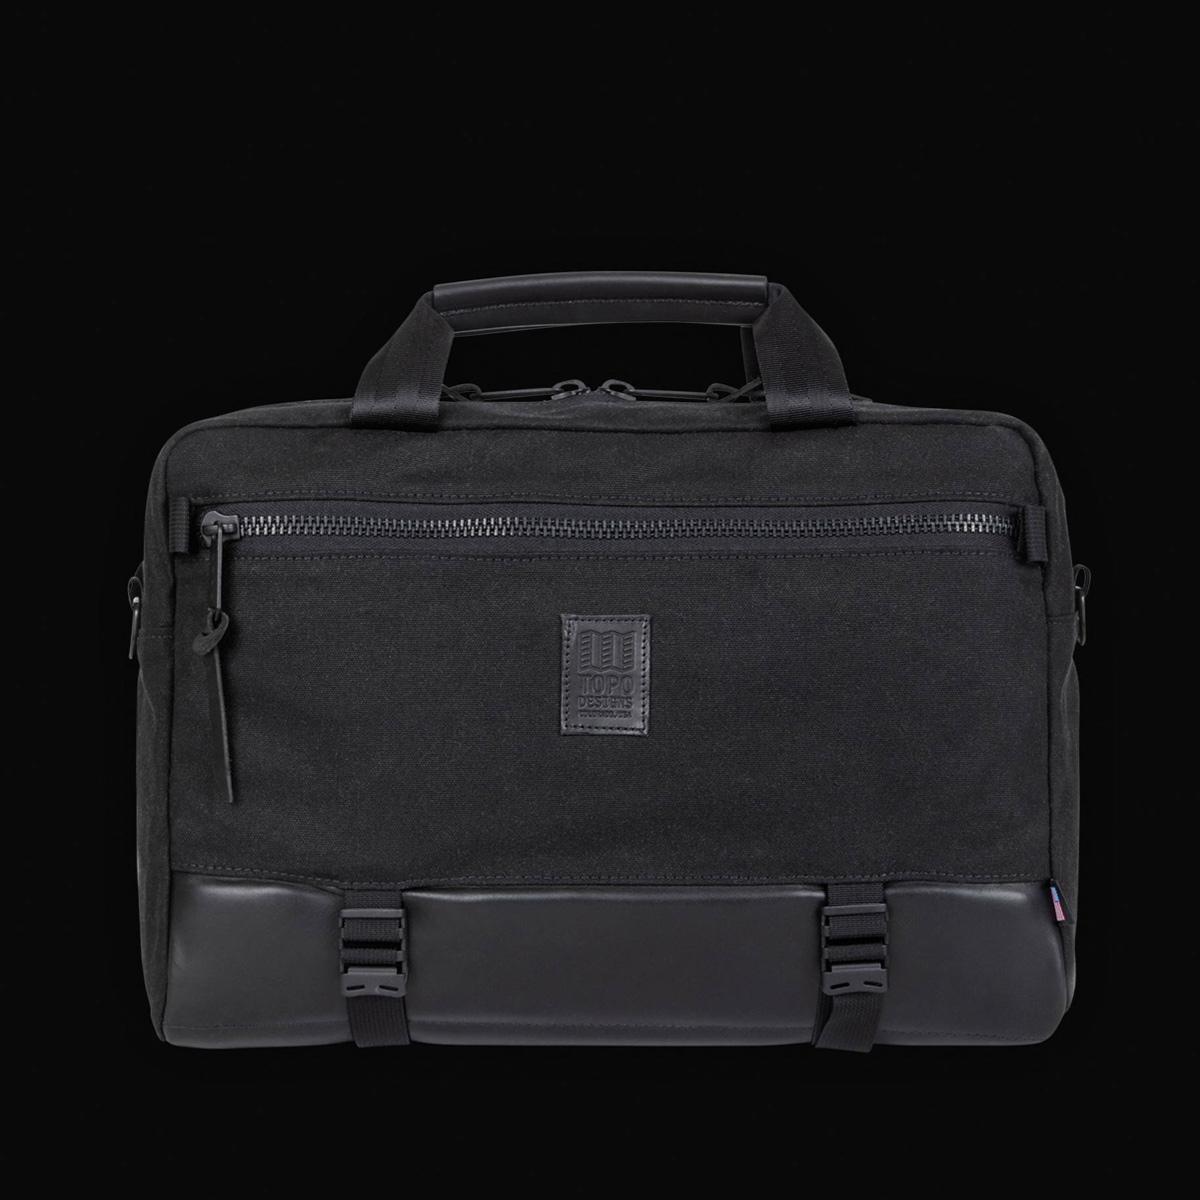 Topo Designs Commuter Briefcase Heritige Black Canvas/Black Leather, Aktentasche, Umhängetasche und Rucksack